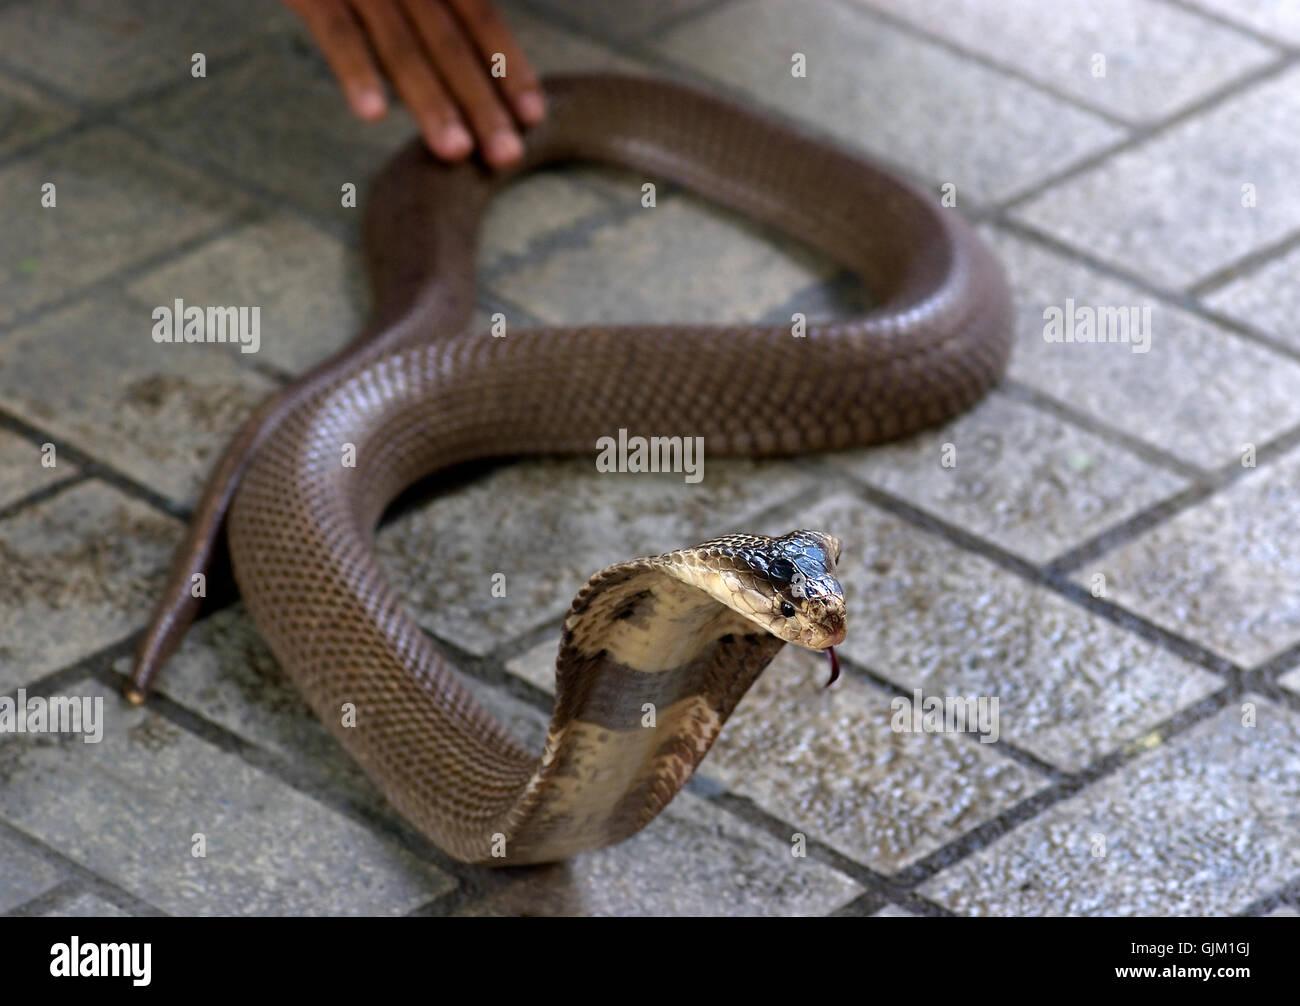 Poison Snakes Stock Photos & Poison Snakes Stock Images - Alamy